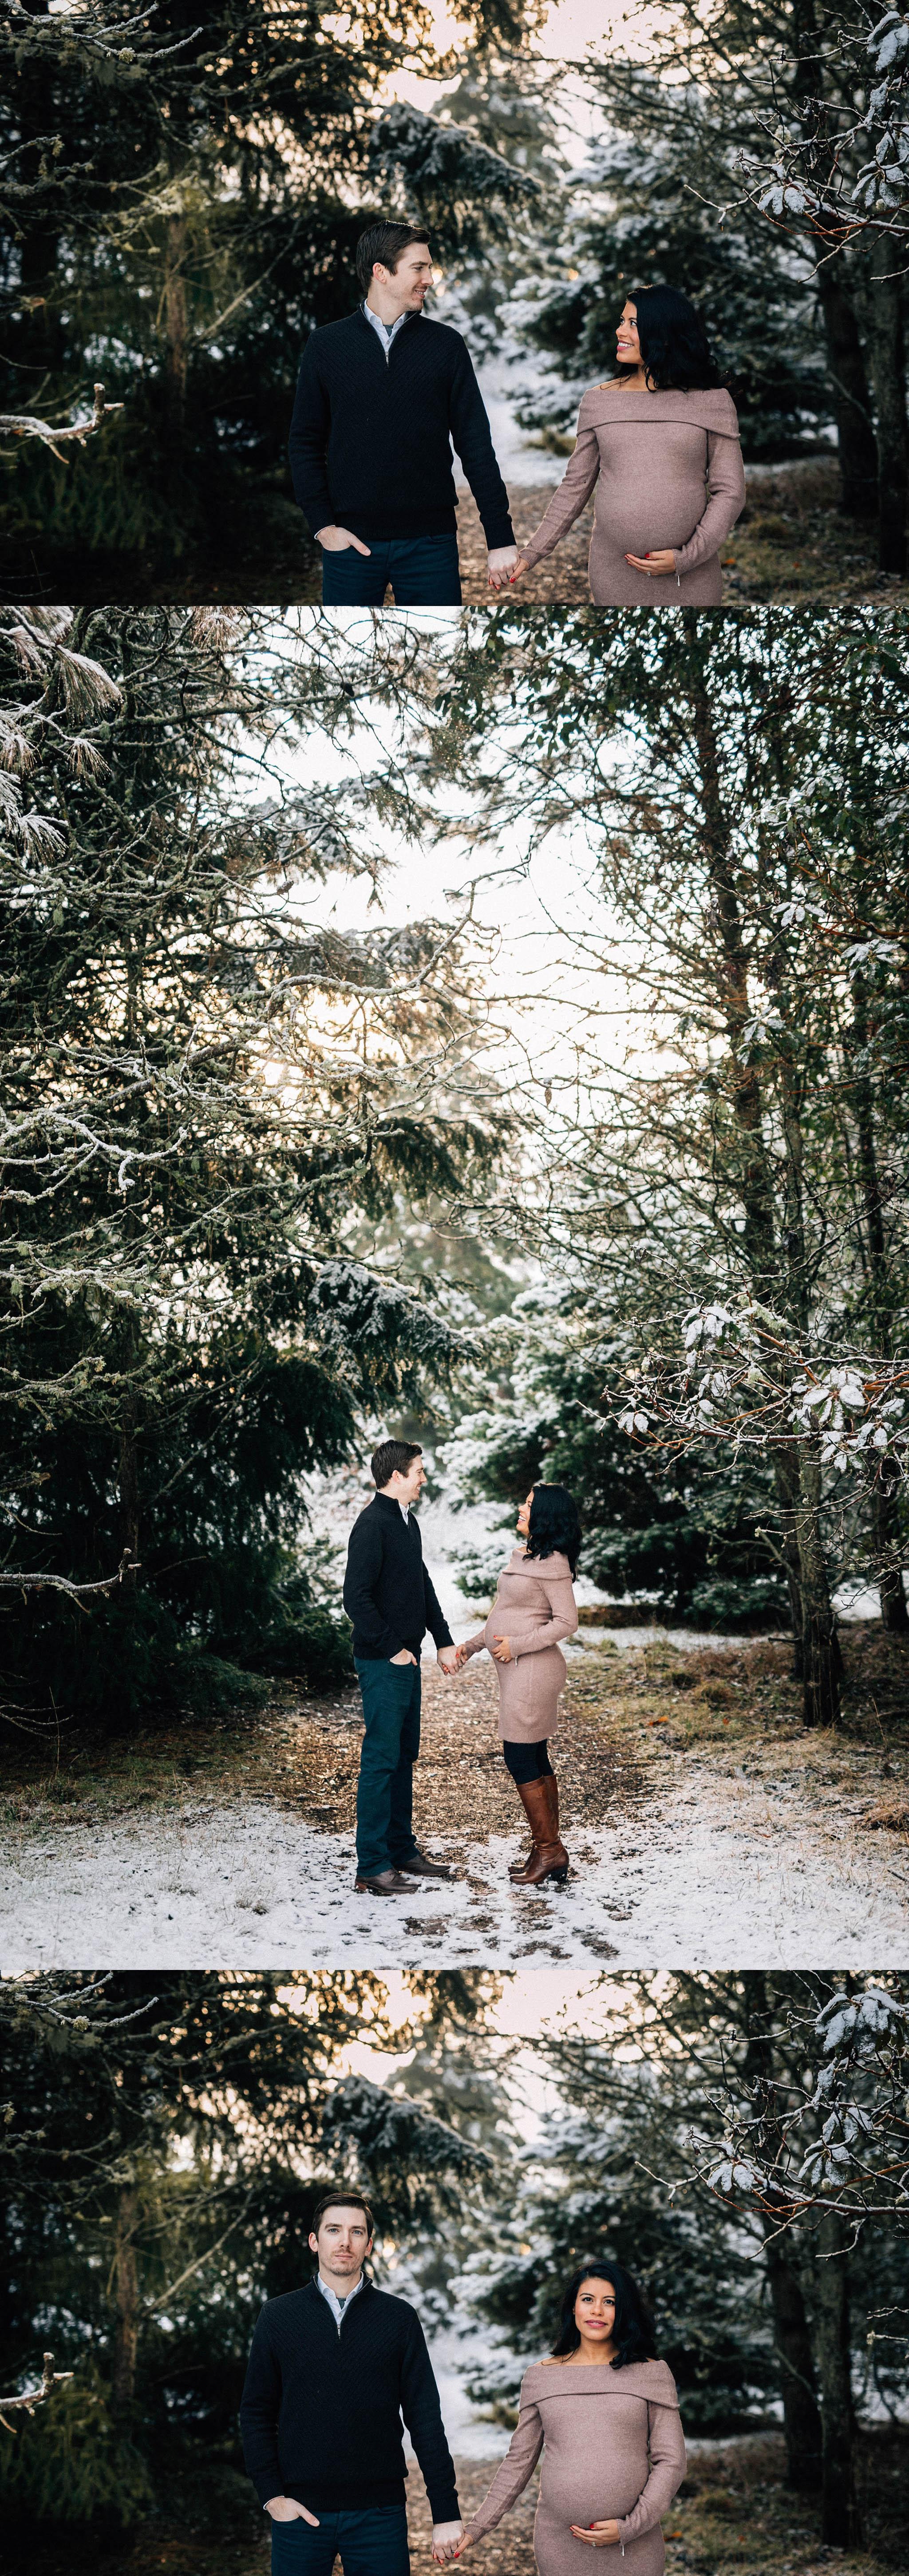 ashley vos seattle maternity wedding photographer lifestyle photography pnw-9.jpg